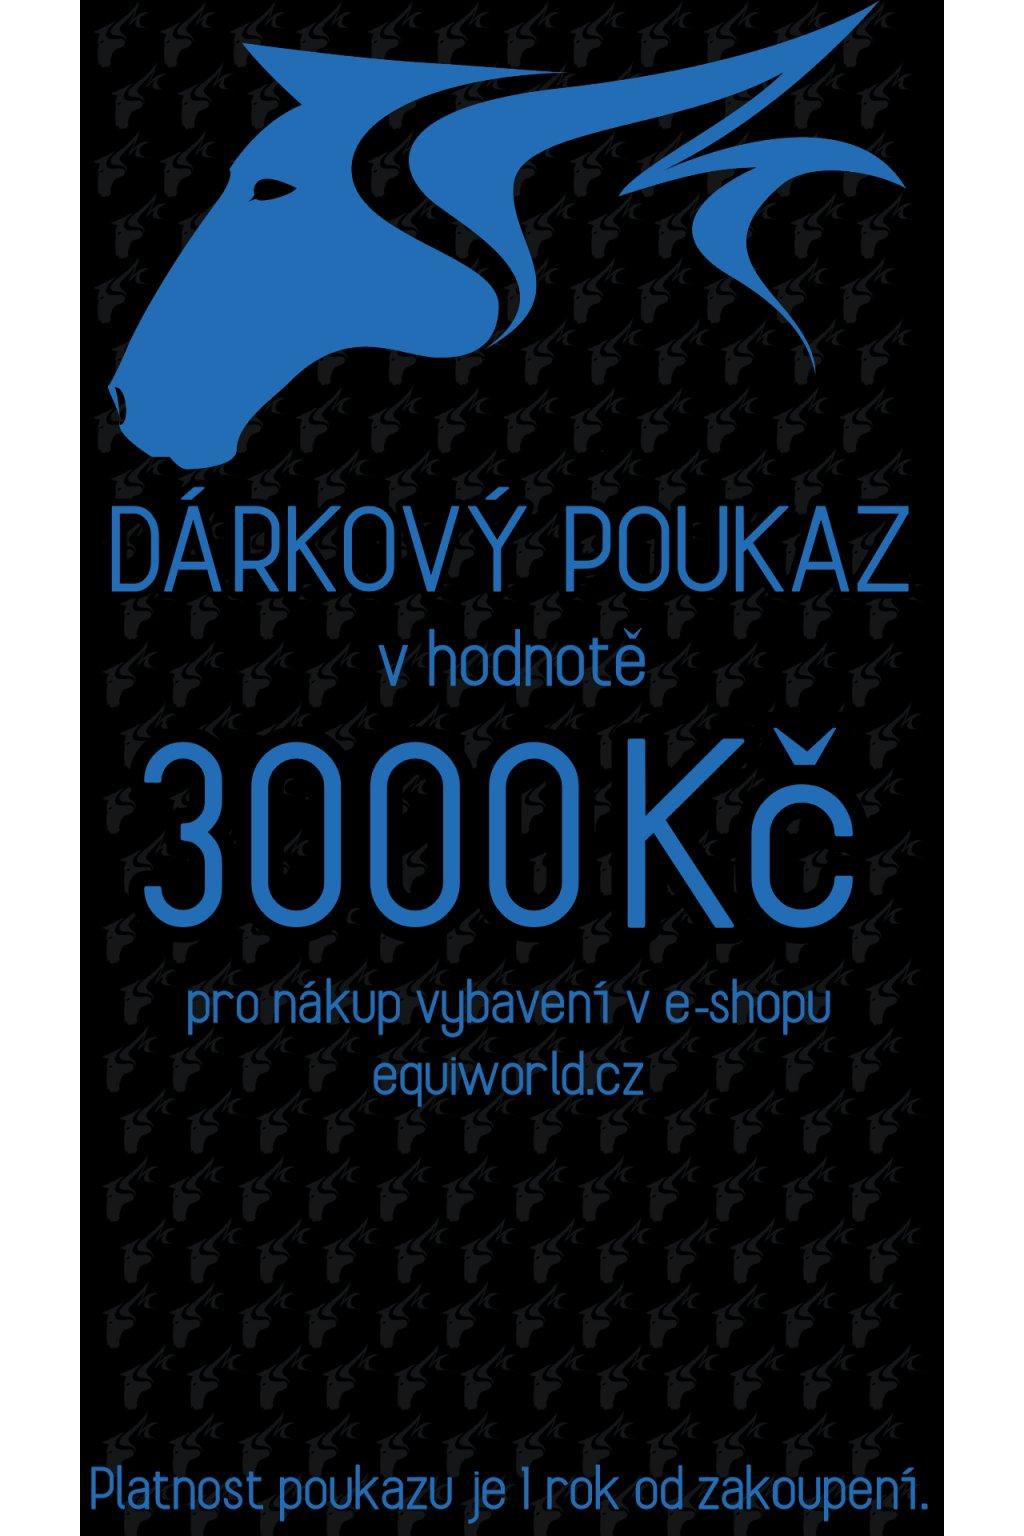 poukaz3000